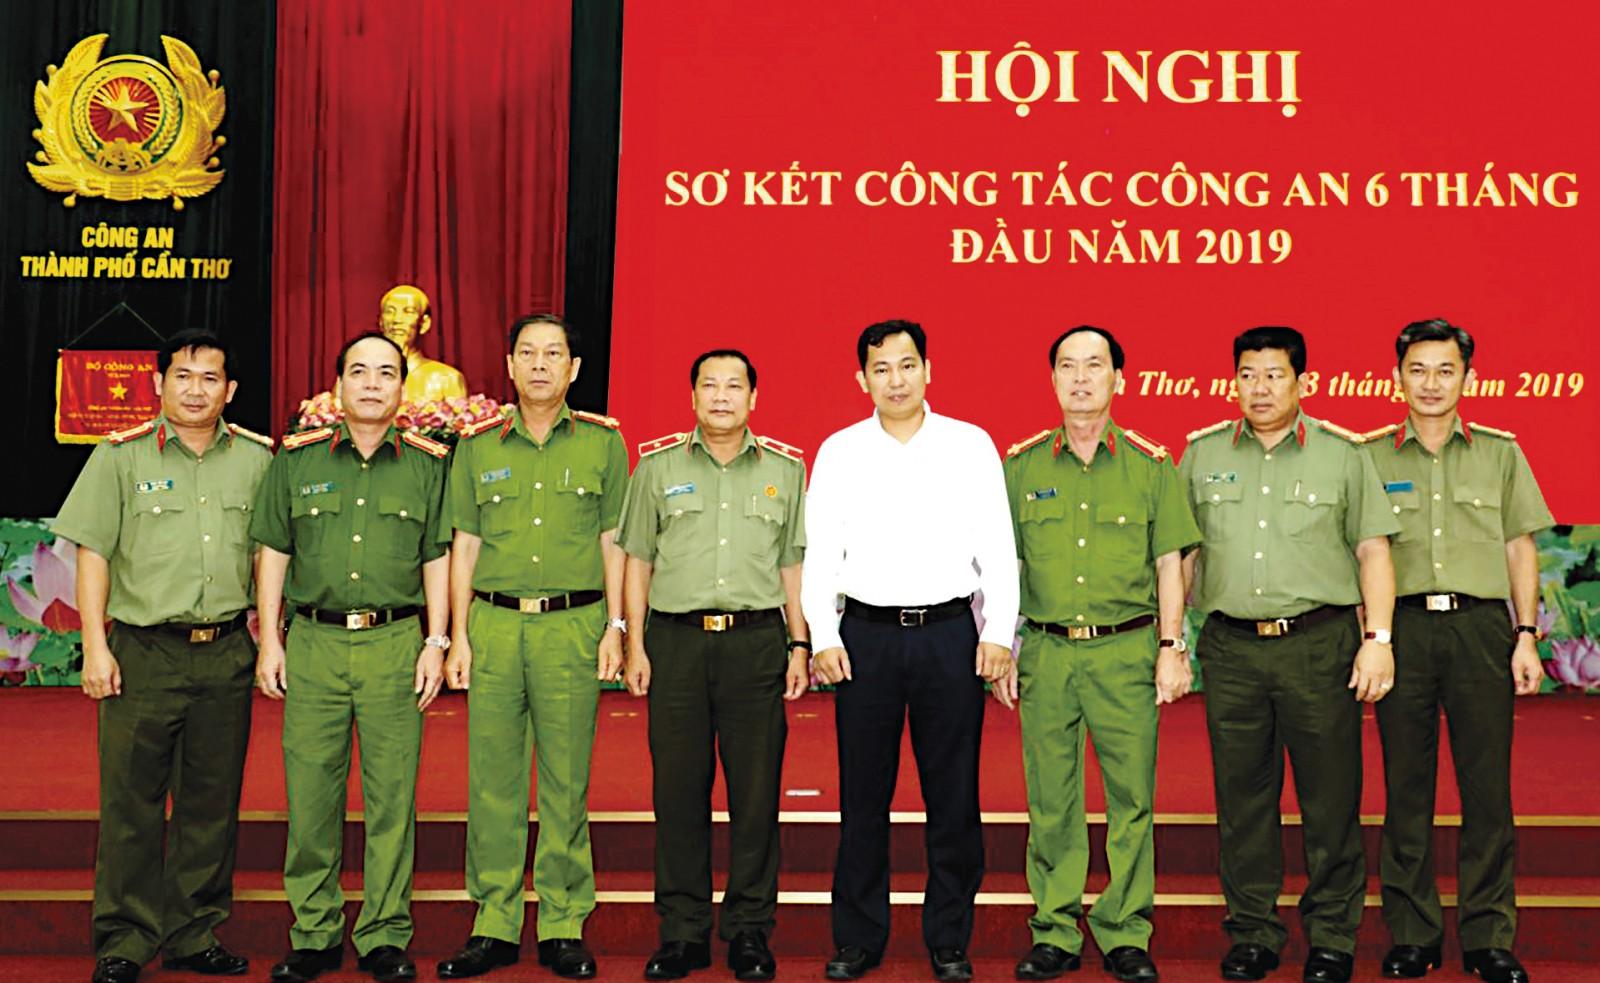 Chủ tịch UBND TP Cần Thơ Lê Quang Mạnh cùng lãnh đạo Công an thành phố tại Hội nghị sơ kết công tác 6 tháng.